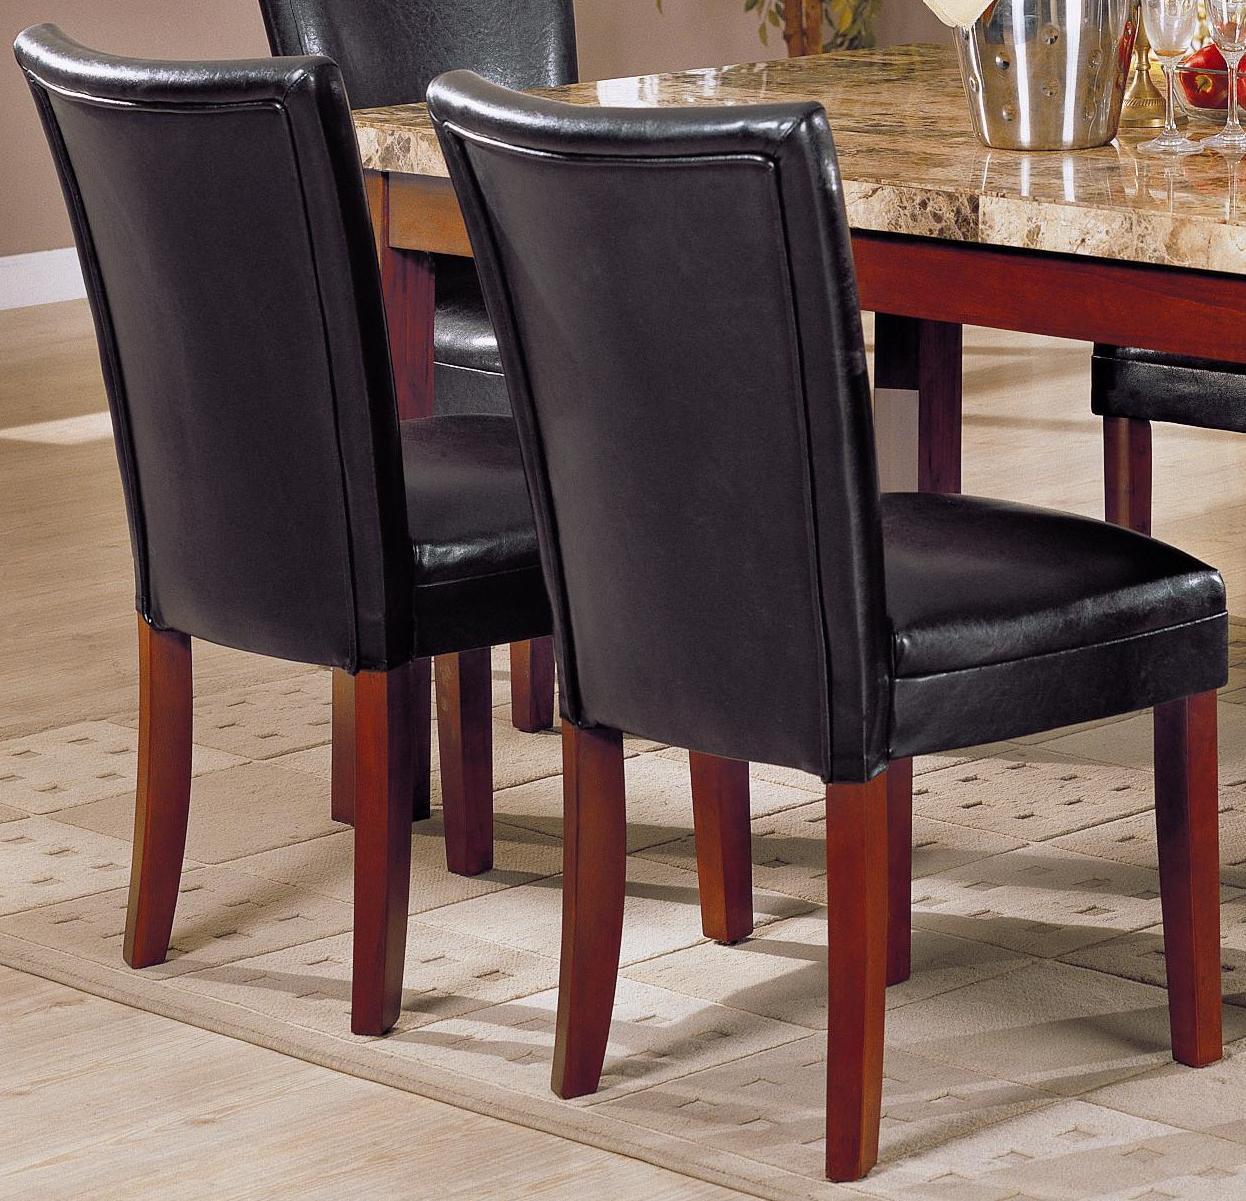 Parson chair leather -  Black Bi Cast Leather Parson Chair Set Of 2 Thumbnail 1